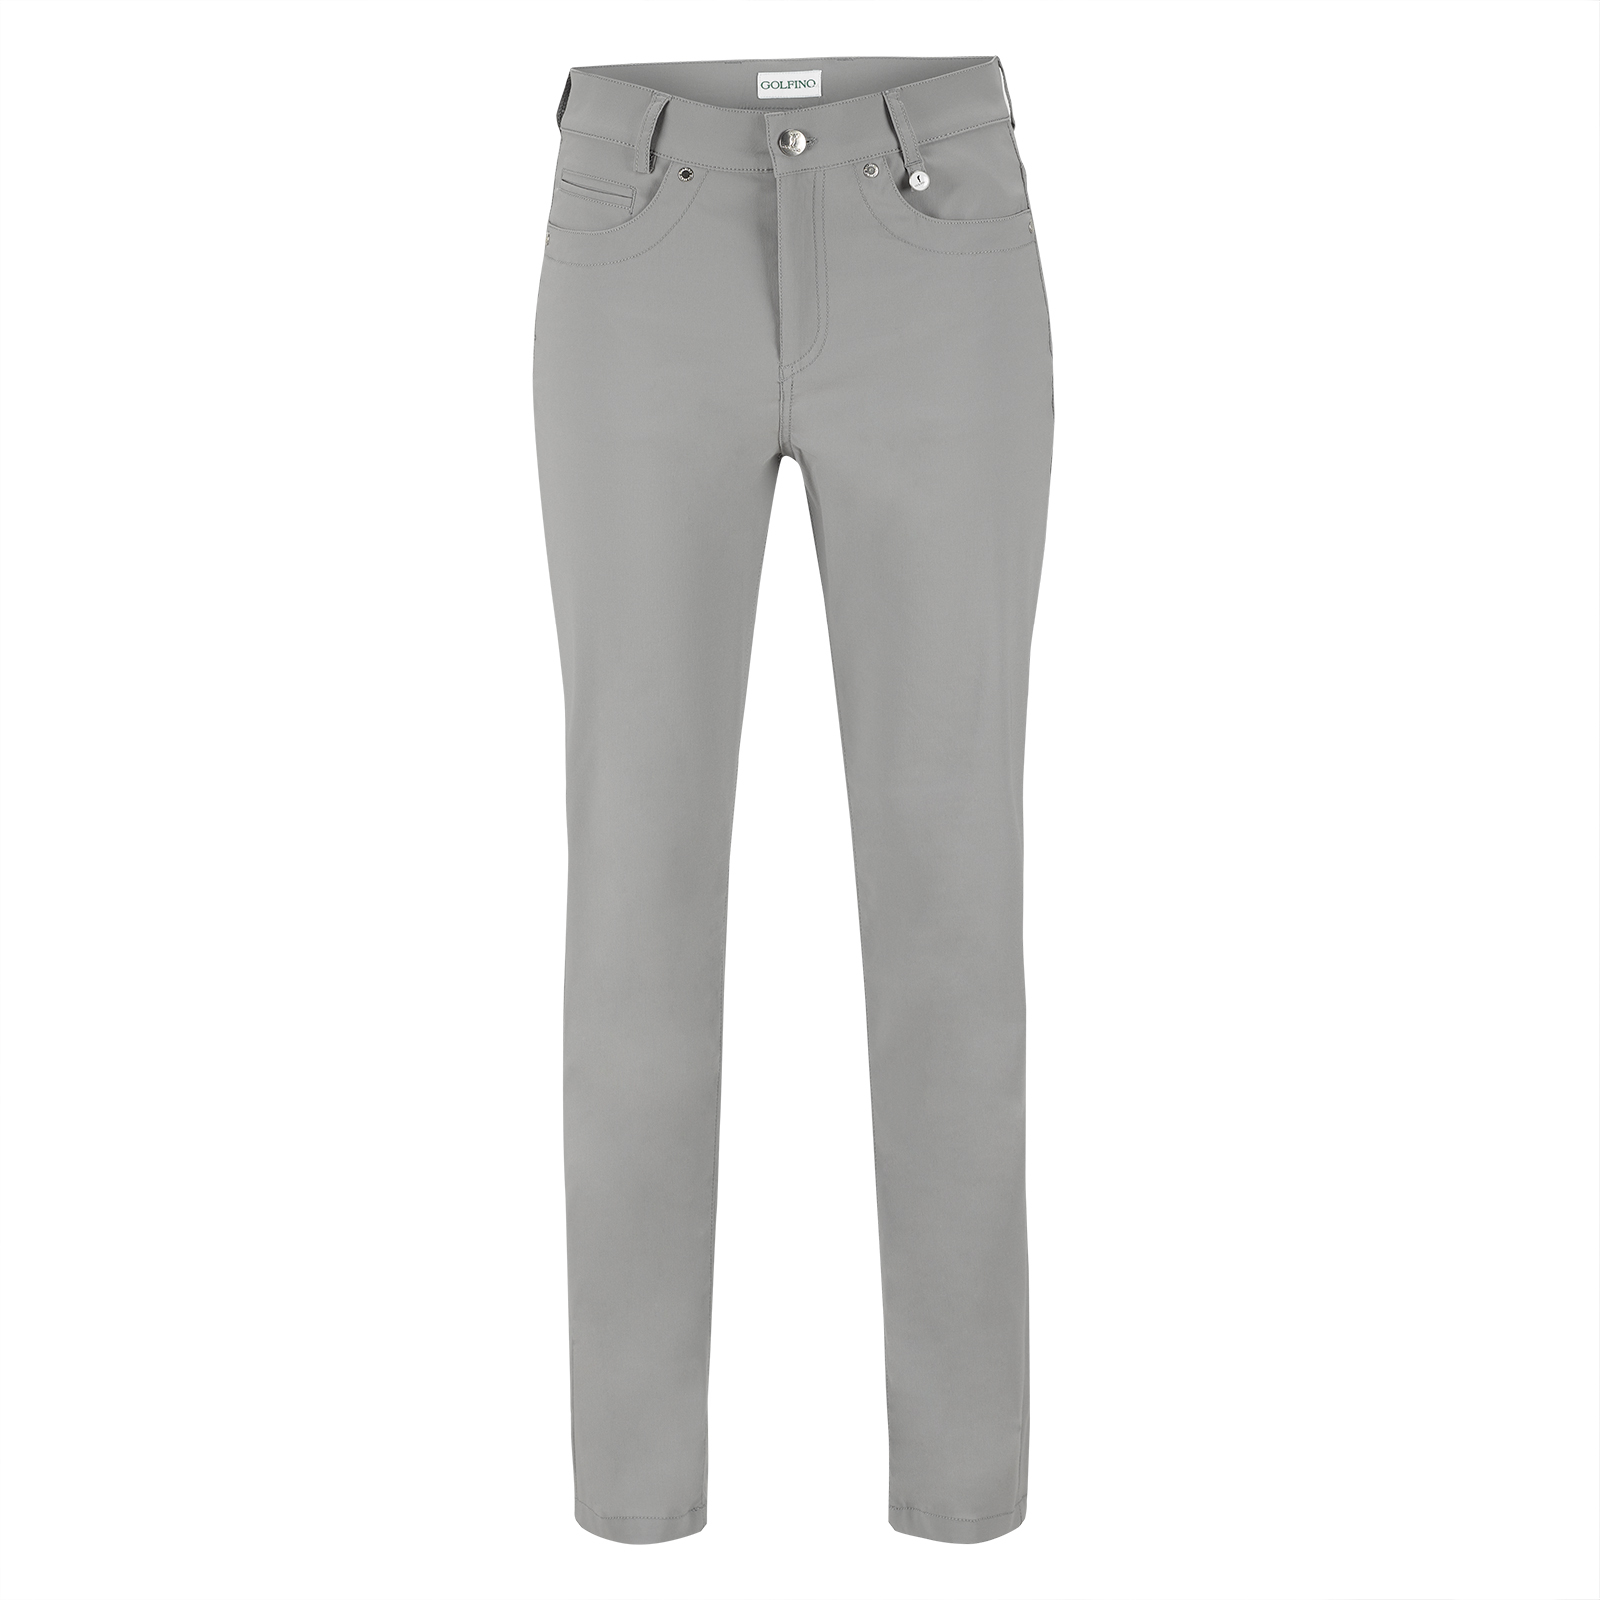 Damen 7/8 Stretch-Golfhose mit UV-Schutz